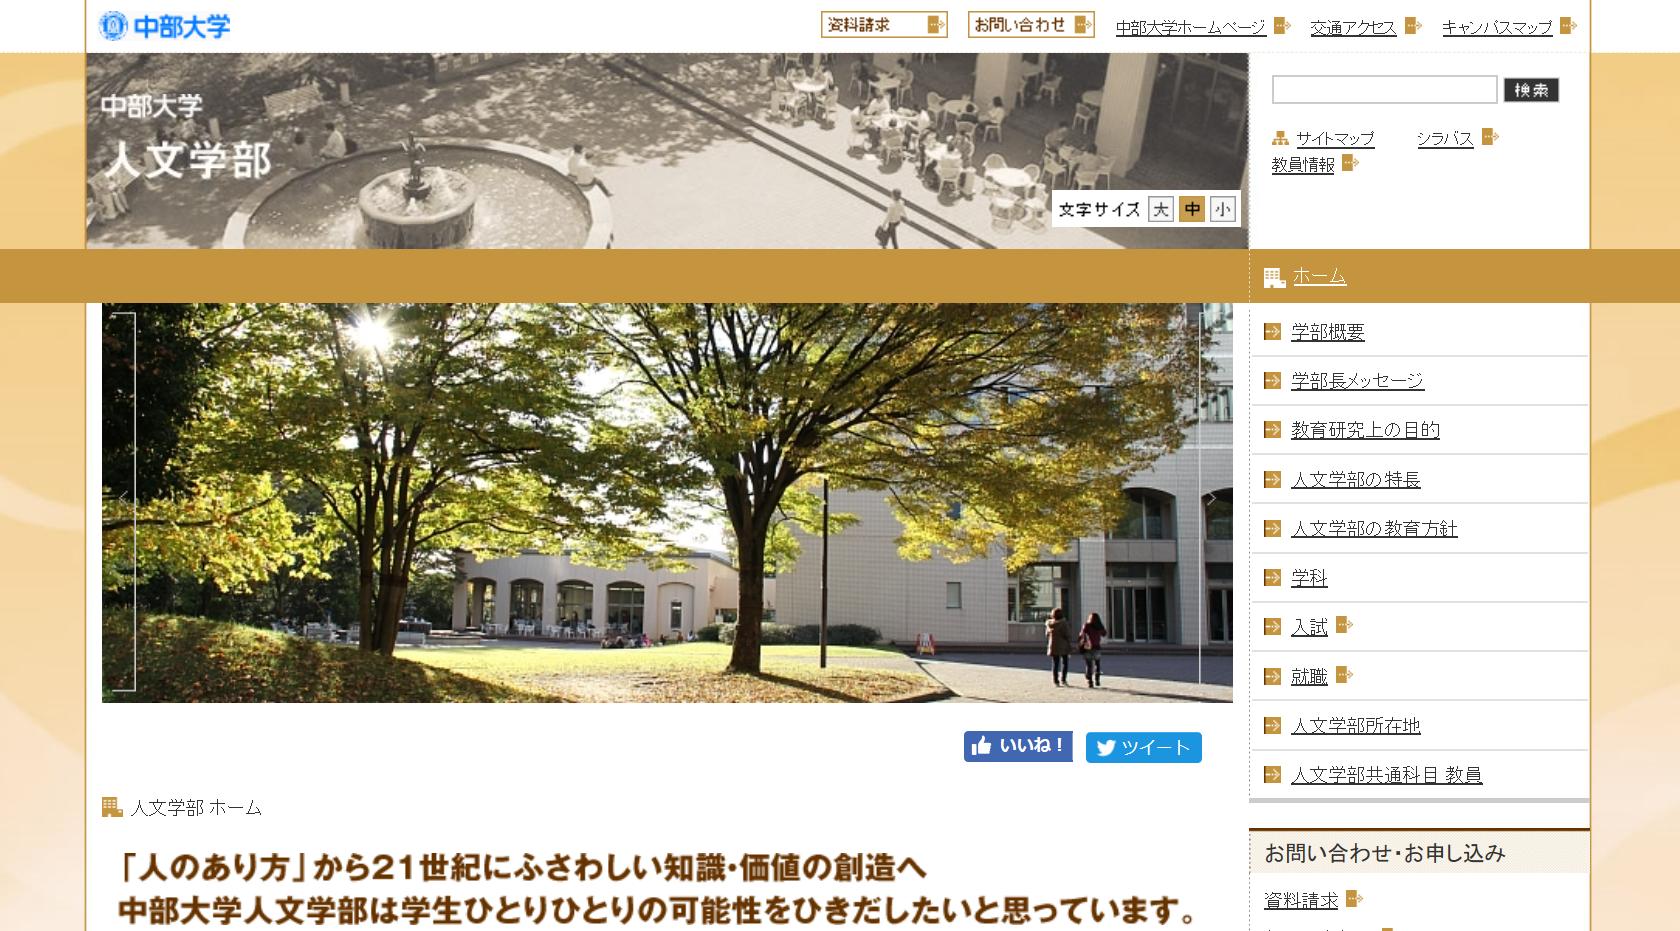 中部大学の評判・口コミ【人文学部編】